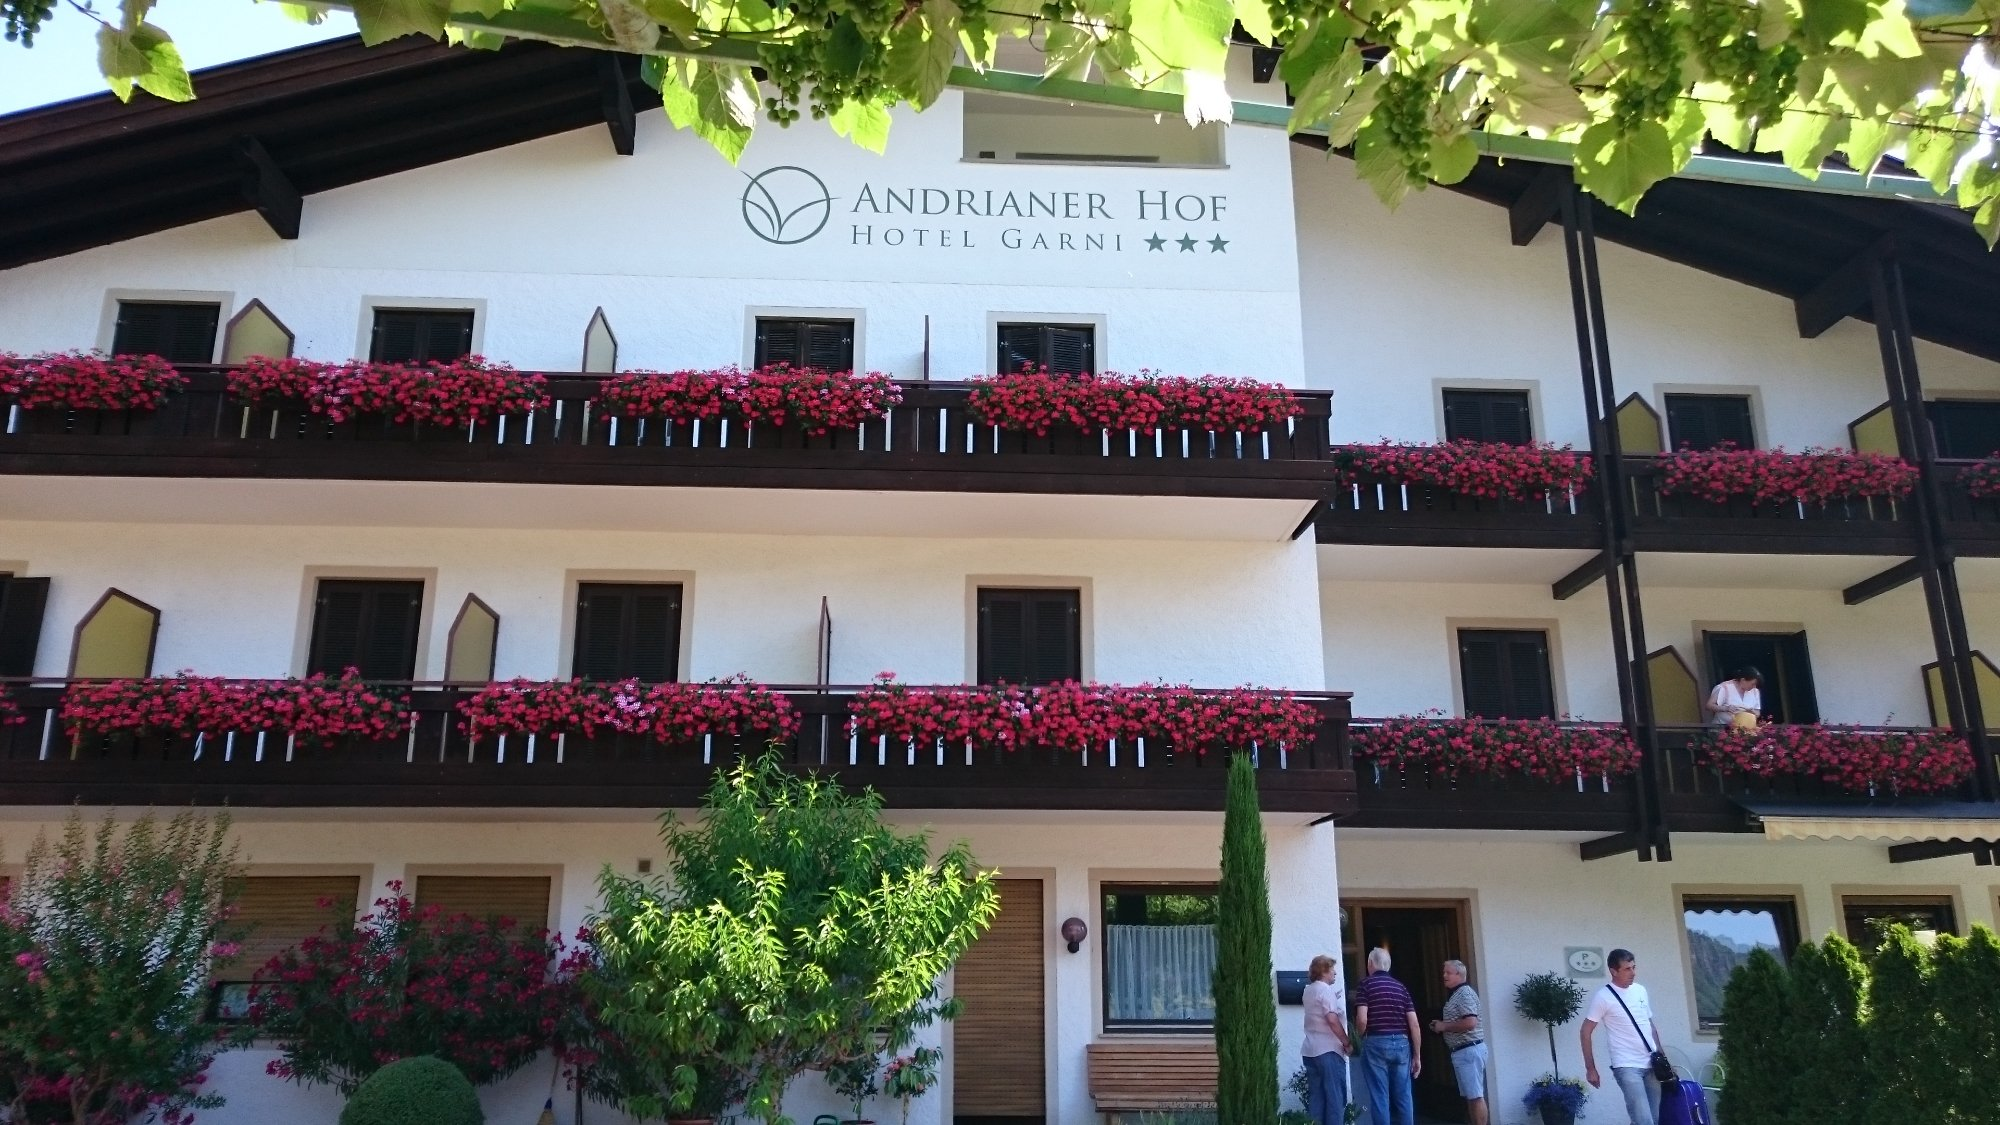 Andrianer Hof Hotel Garni